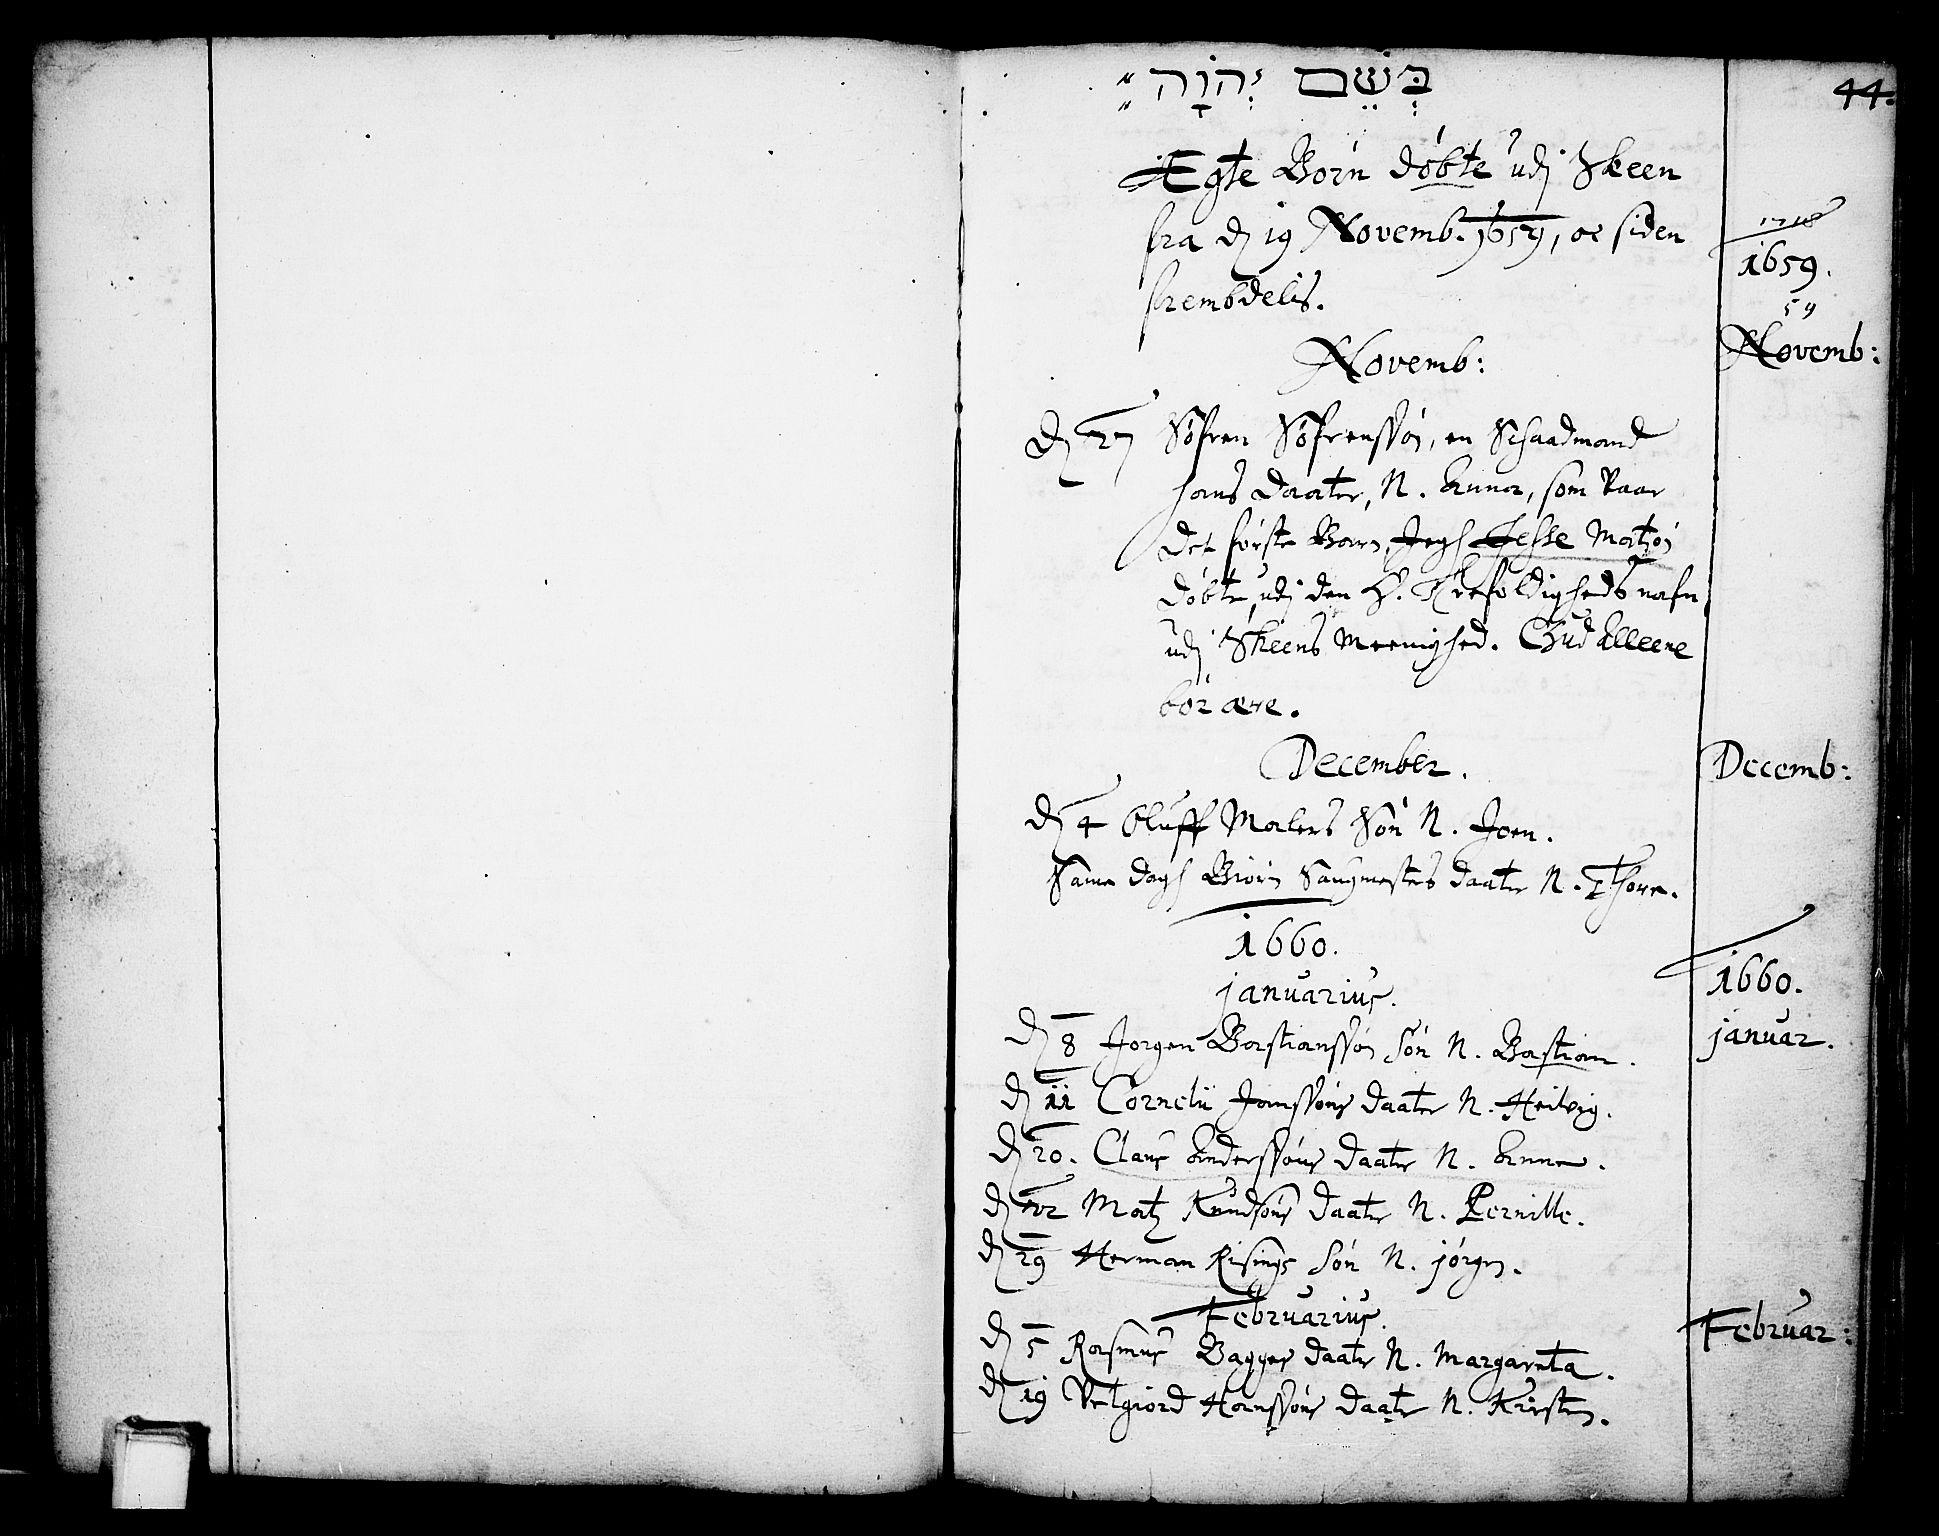 SAKO, Skien kirkebøker, F/Fa/L0001: Ministerialbok nr. 1, 1659-1679, s. 44